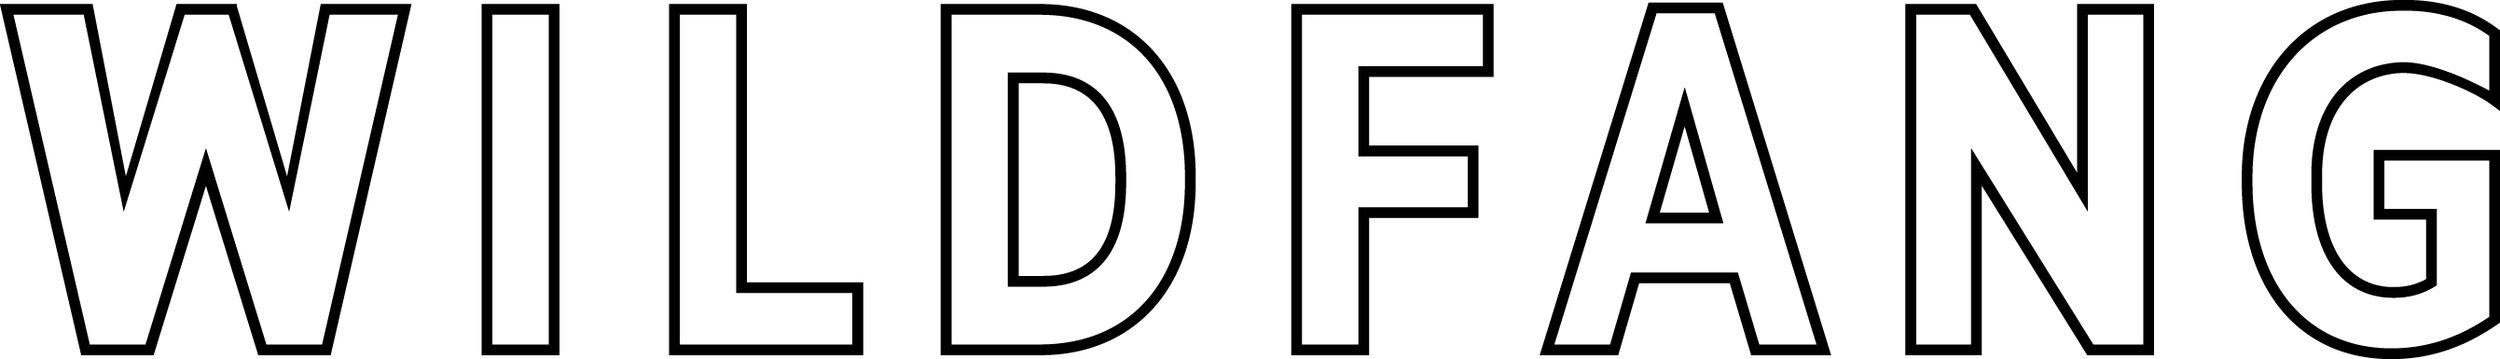 WF_logo_Main.jpg